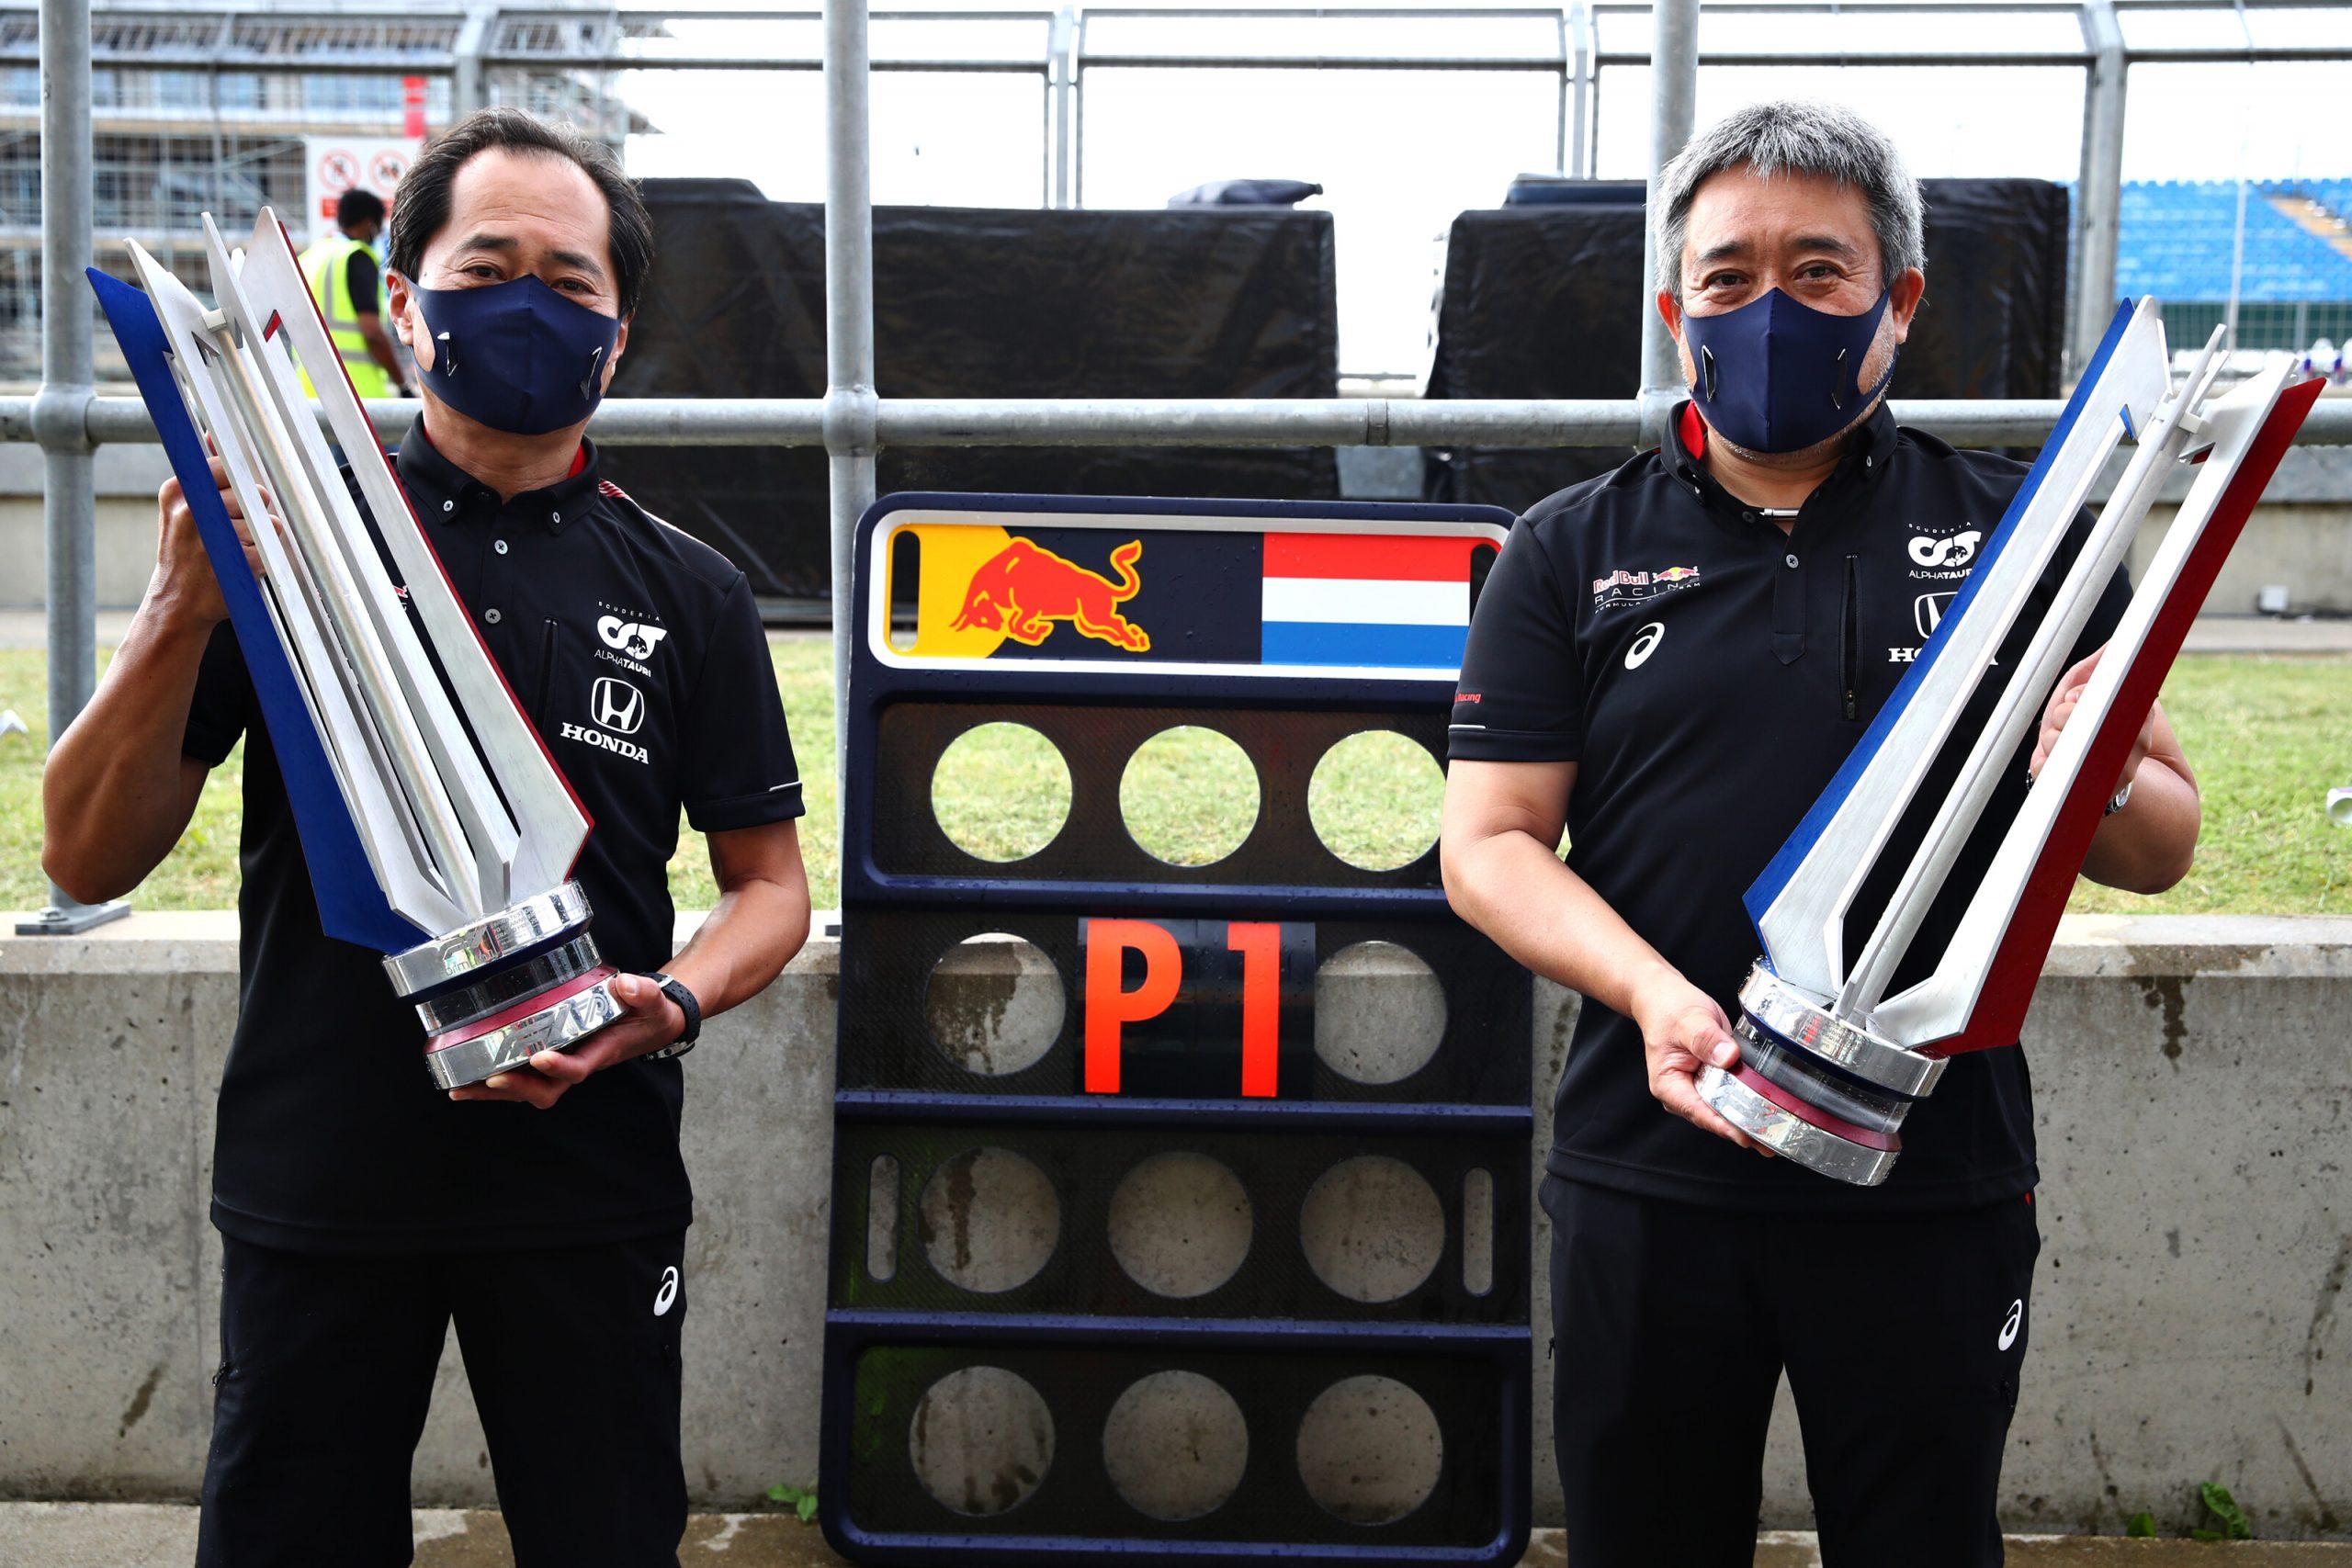 F1 senza Honda: tutte le opzioni di RedBull e AlphaTauri